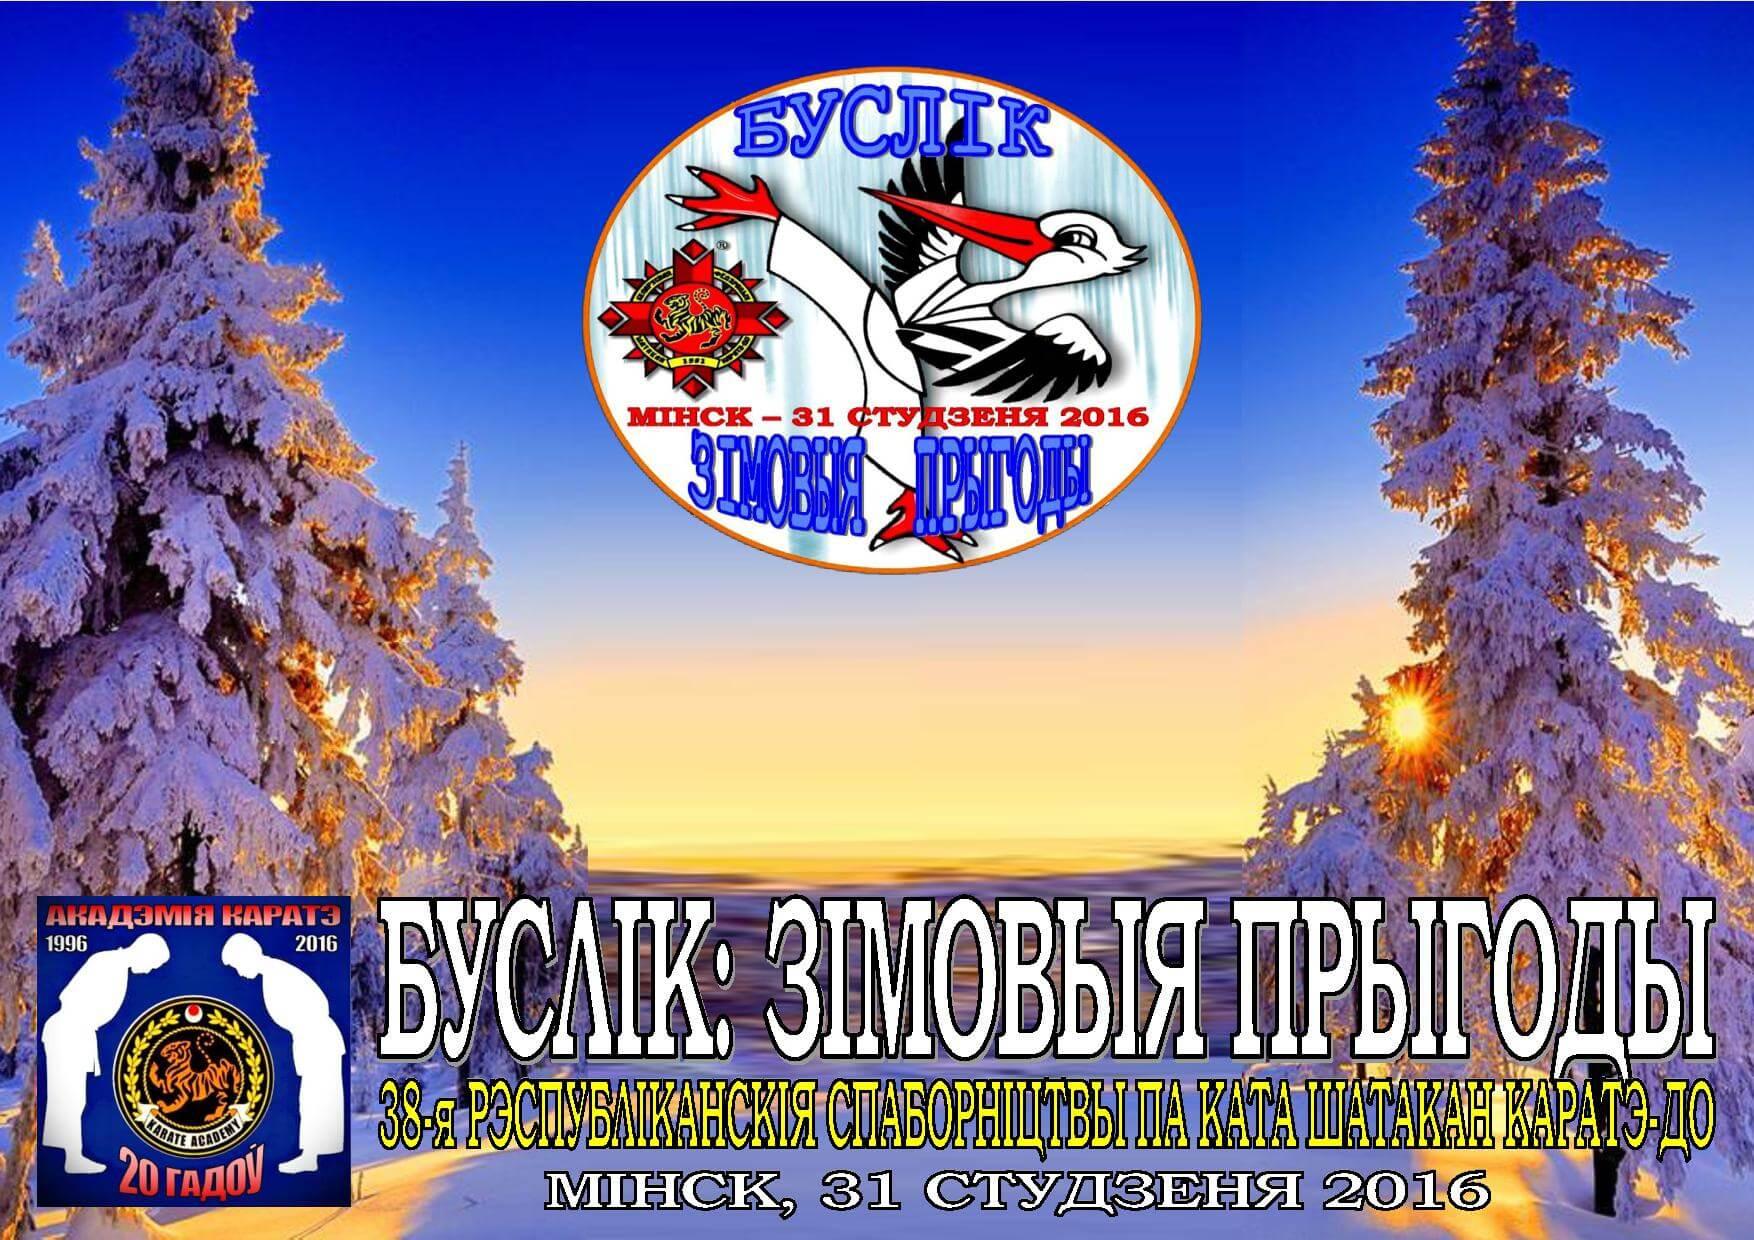 02 Буслик 01-2016 Постер new